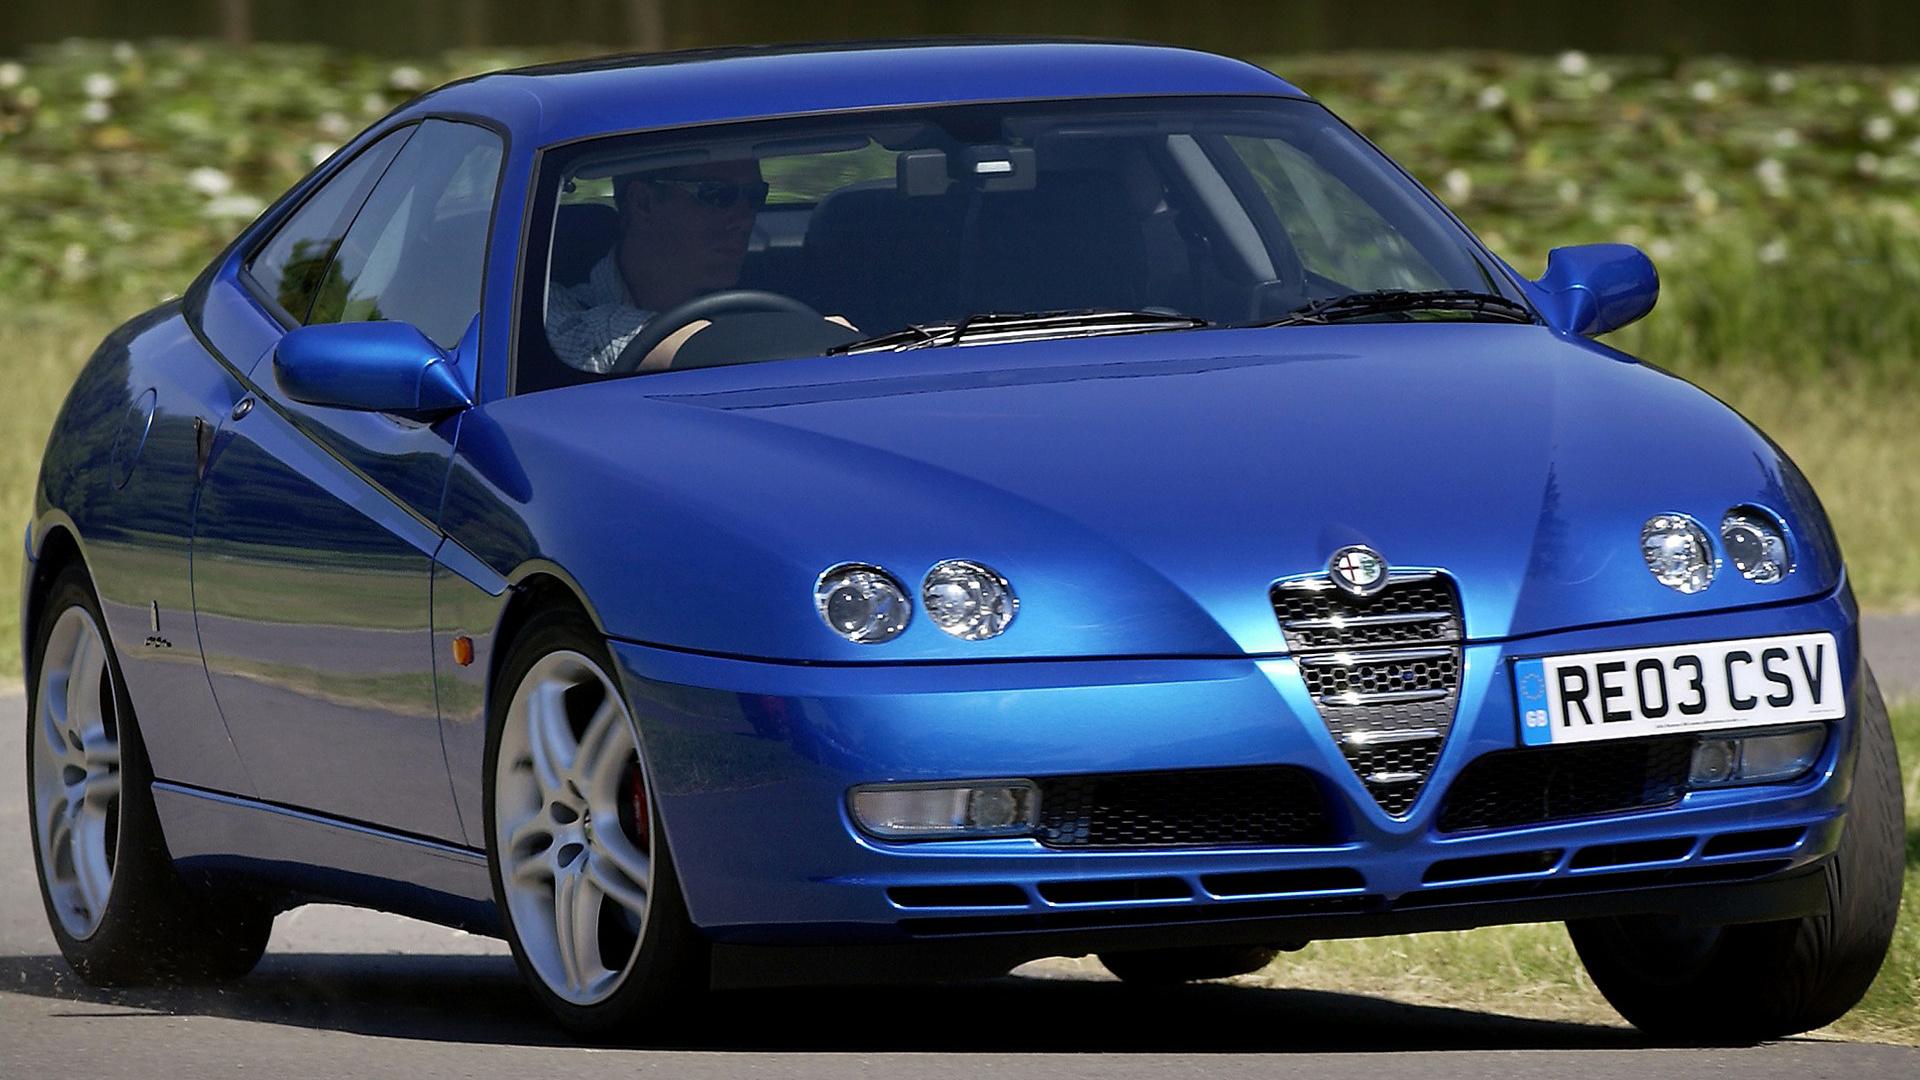 2003 Alfa Romeo Gtv Uk Wallpapers And Hd Images Car Pixel